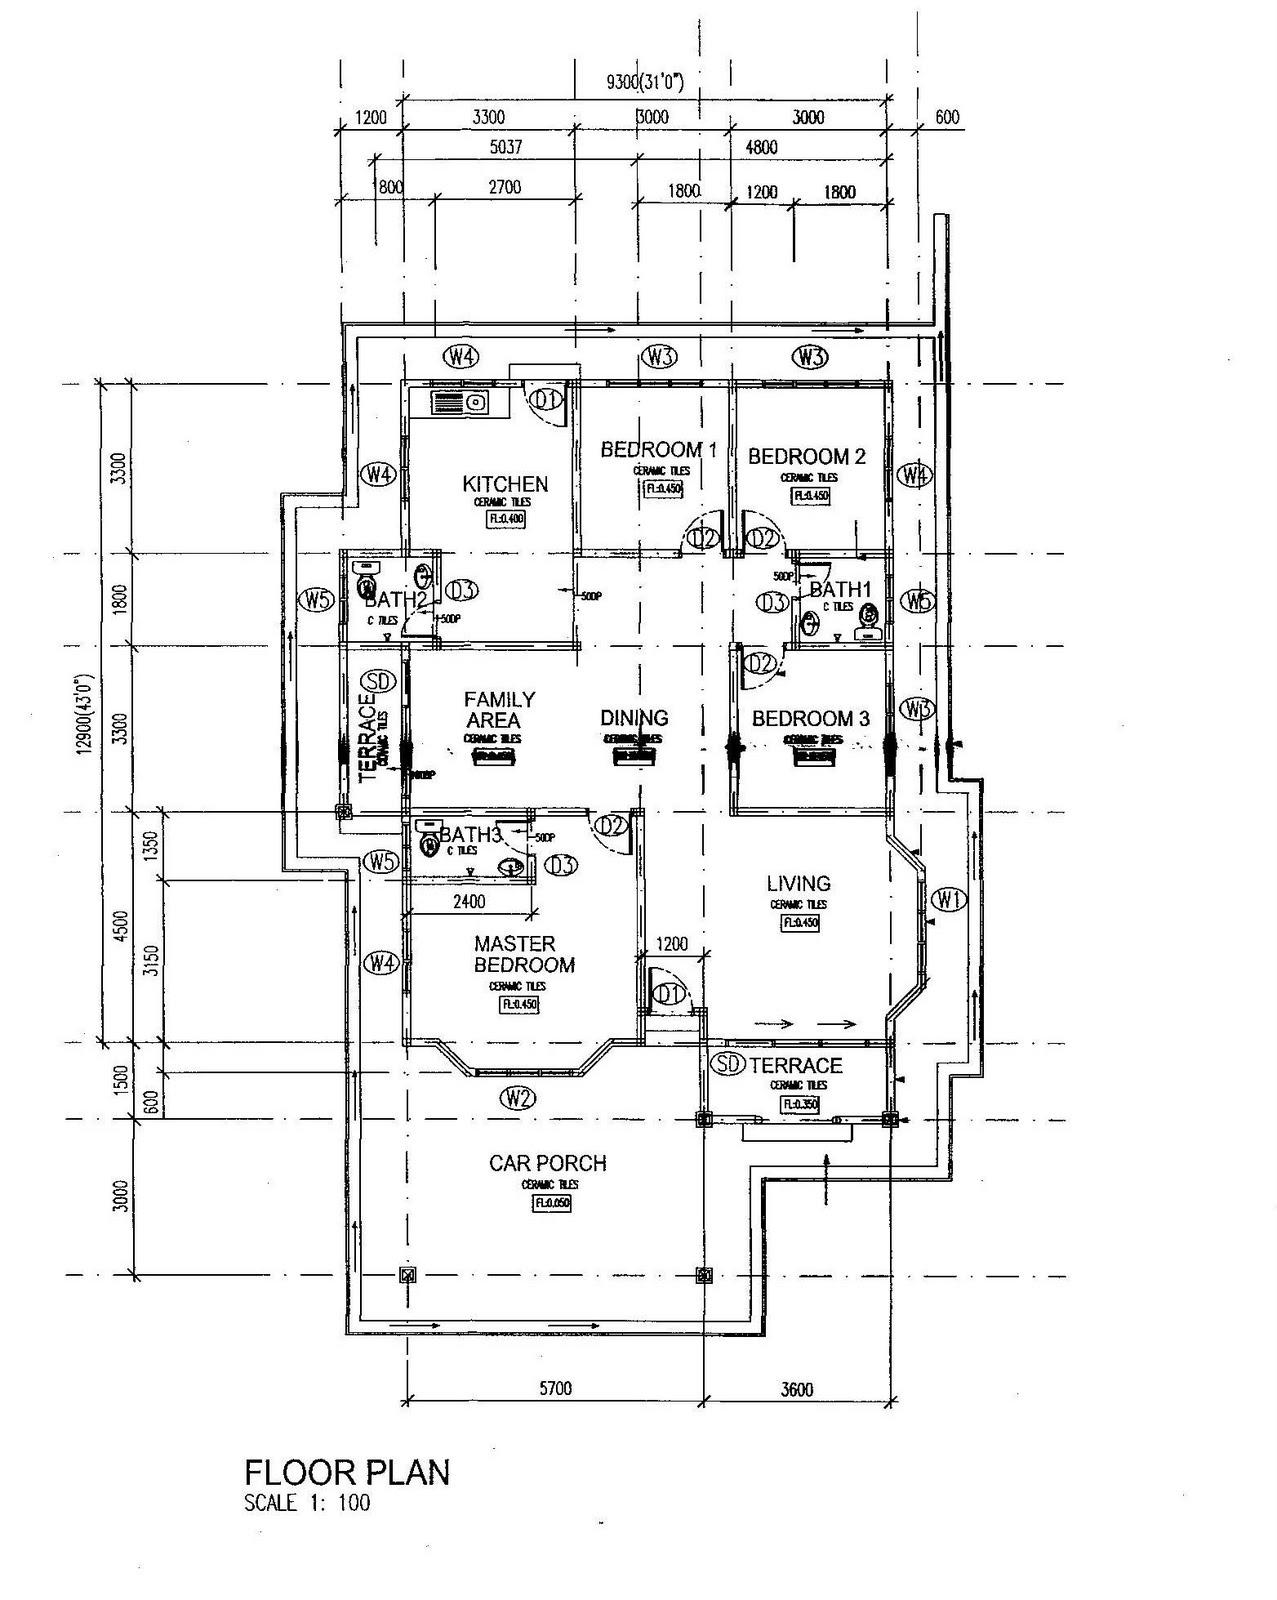 Plan Rumah Bungalow http://hawaiidermatology.com/plan/plan-lantai